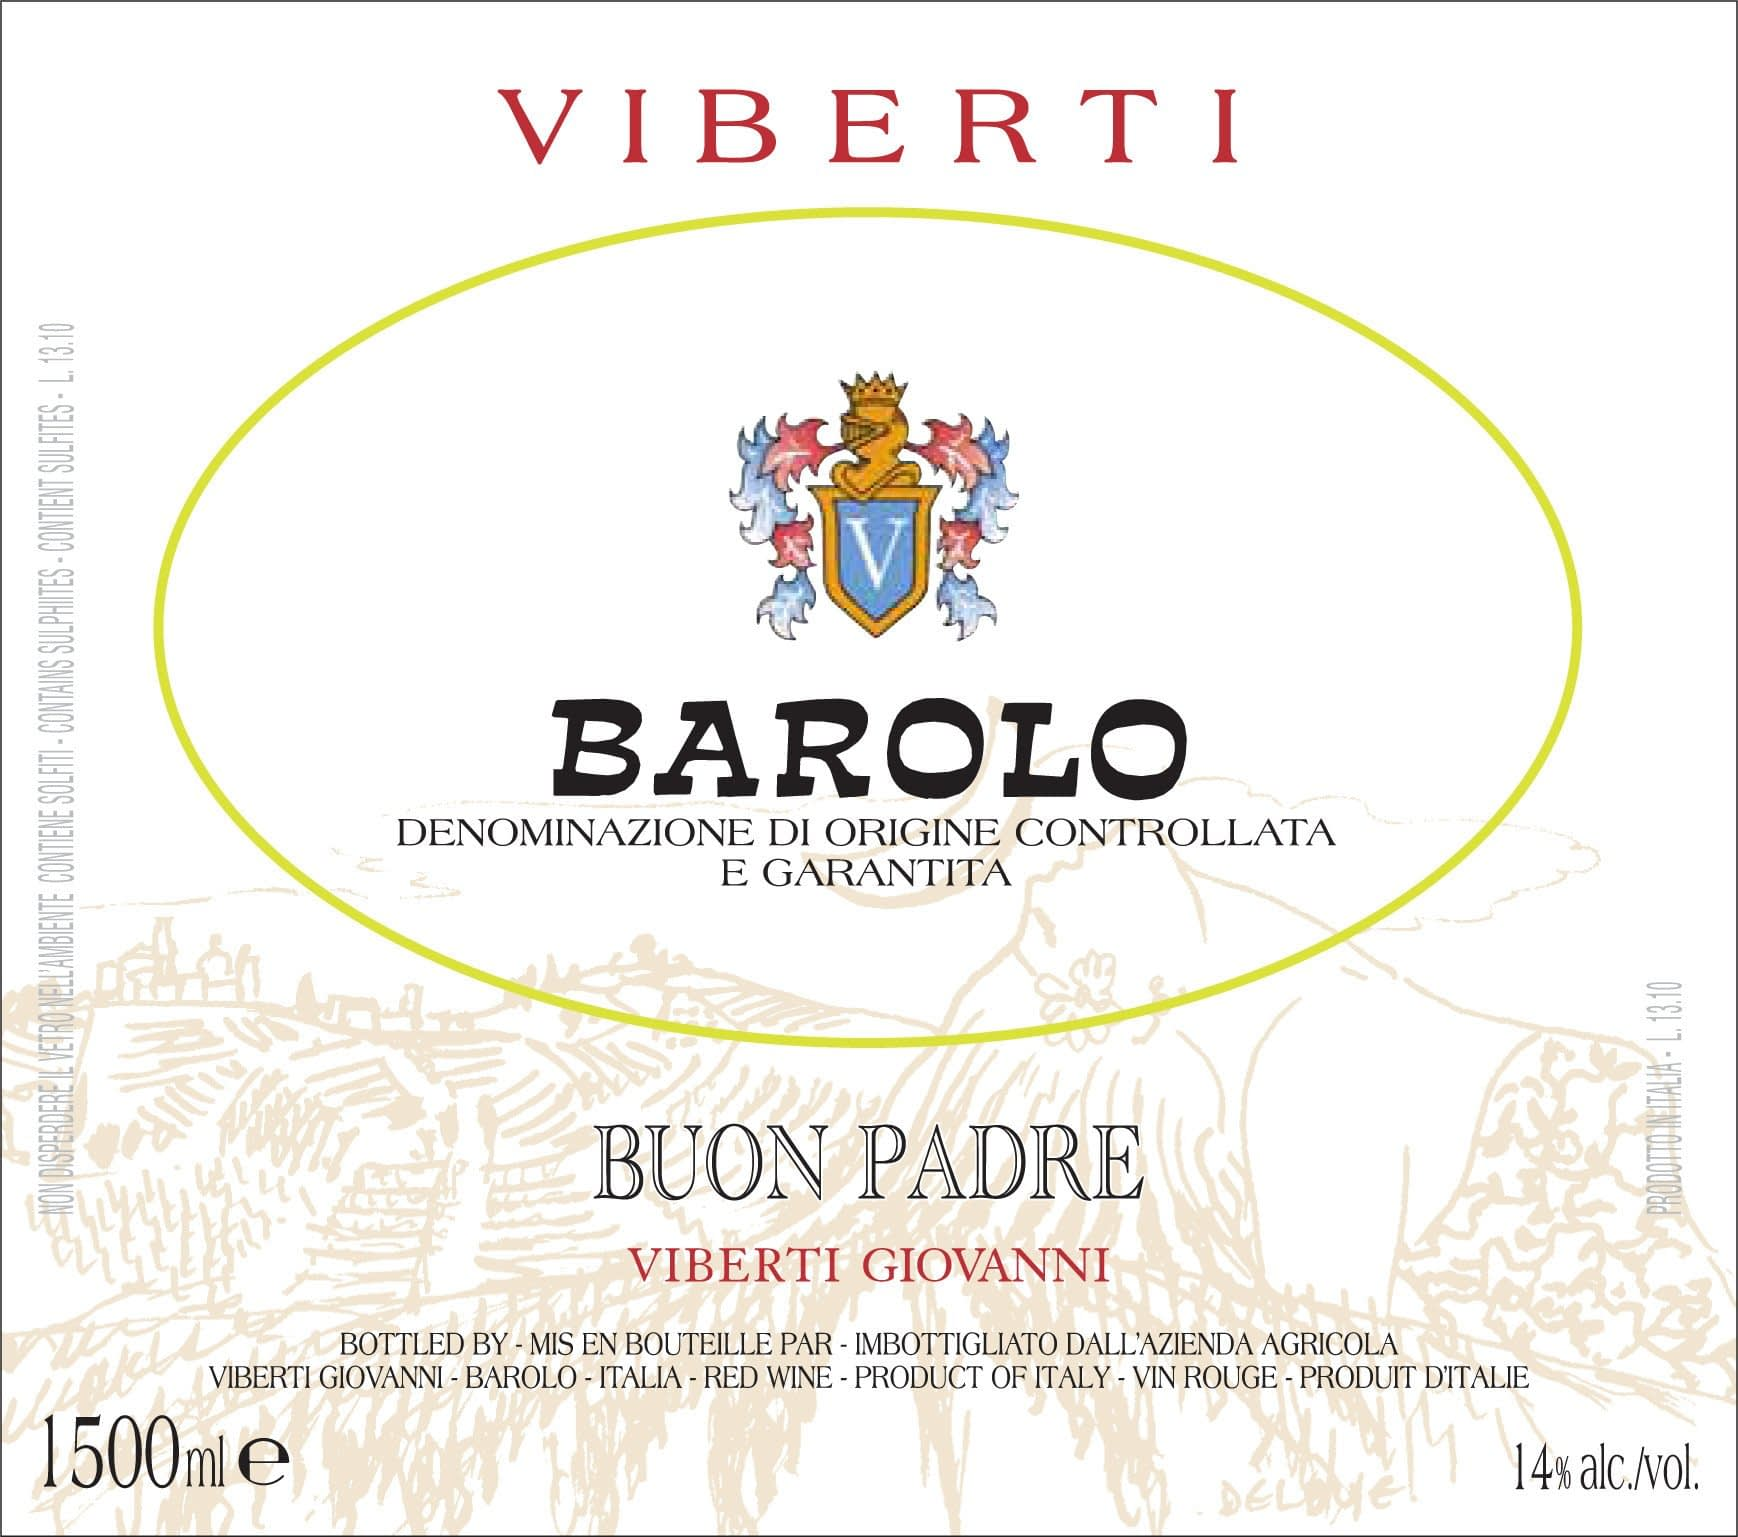 Viberti Barolo Buon Padre 2012